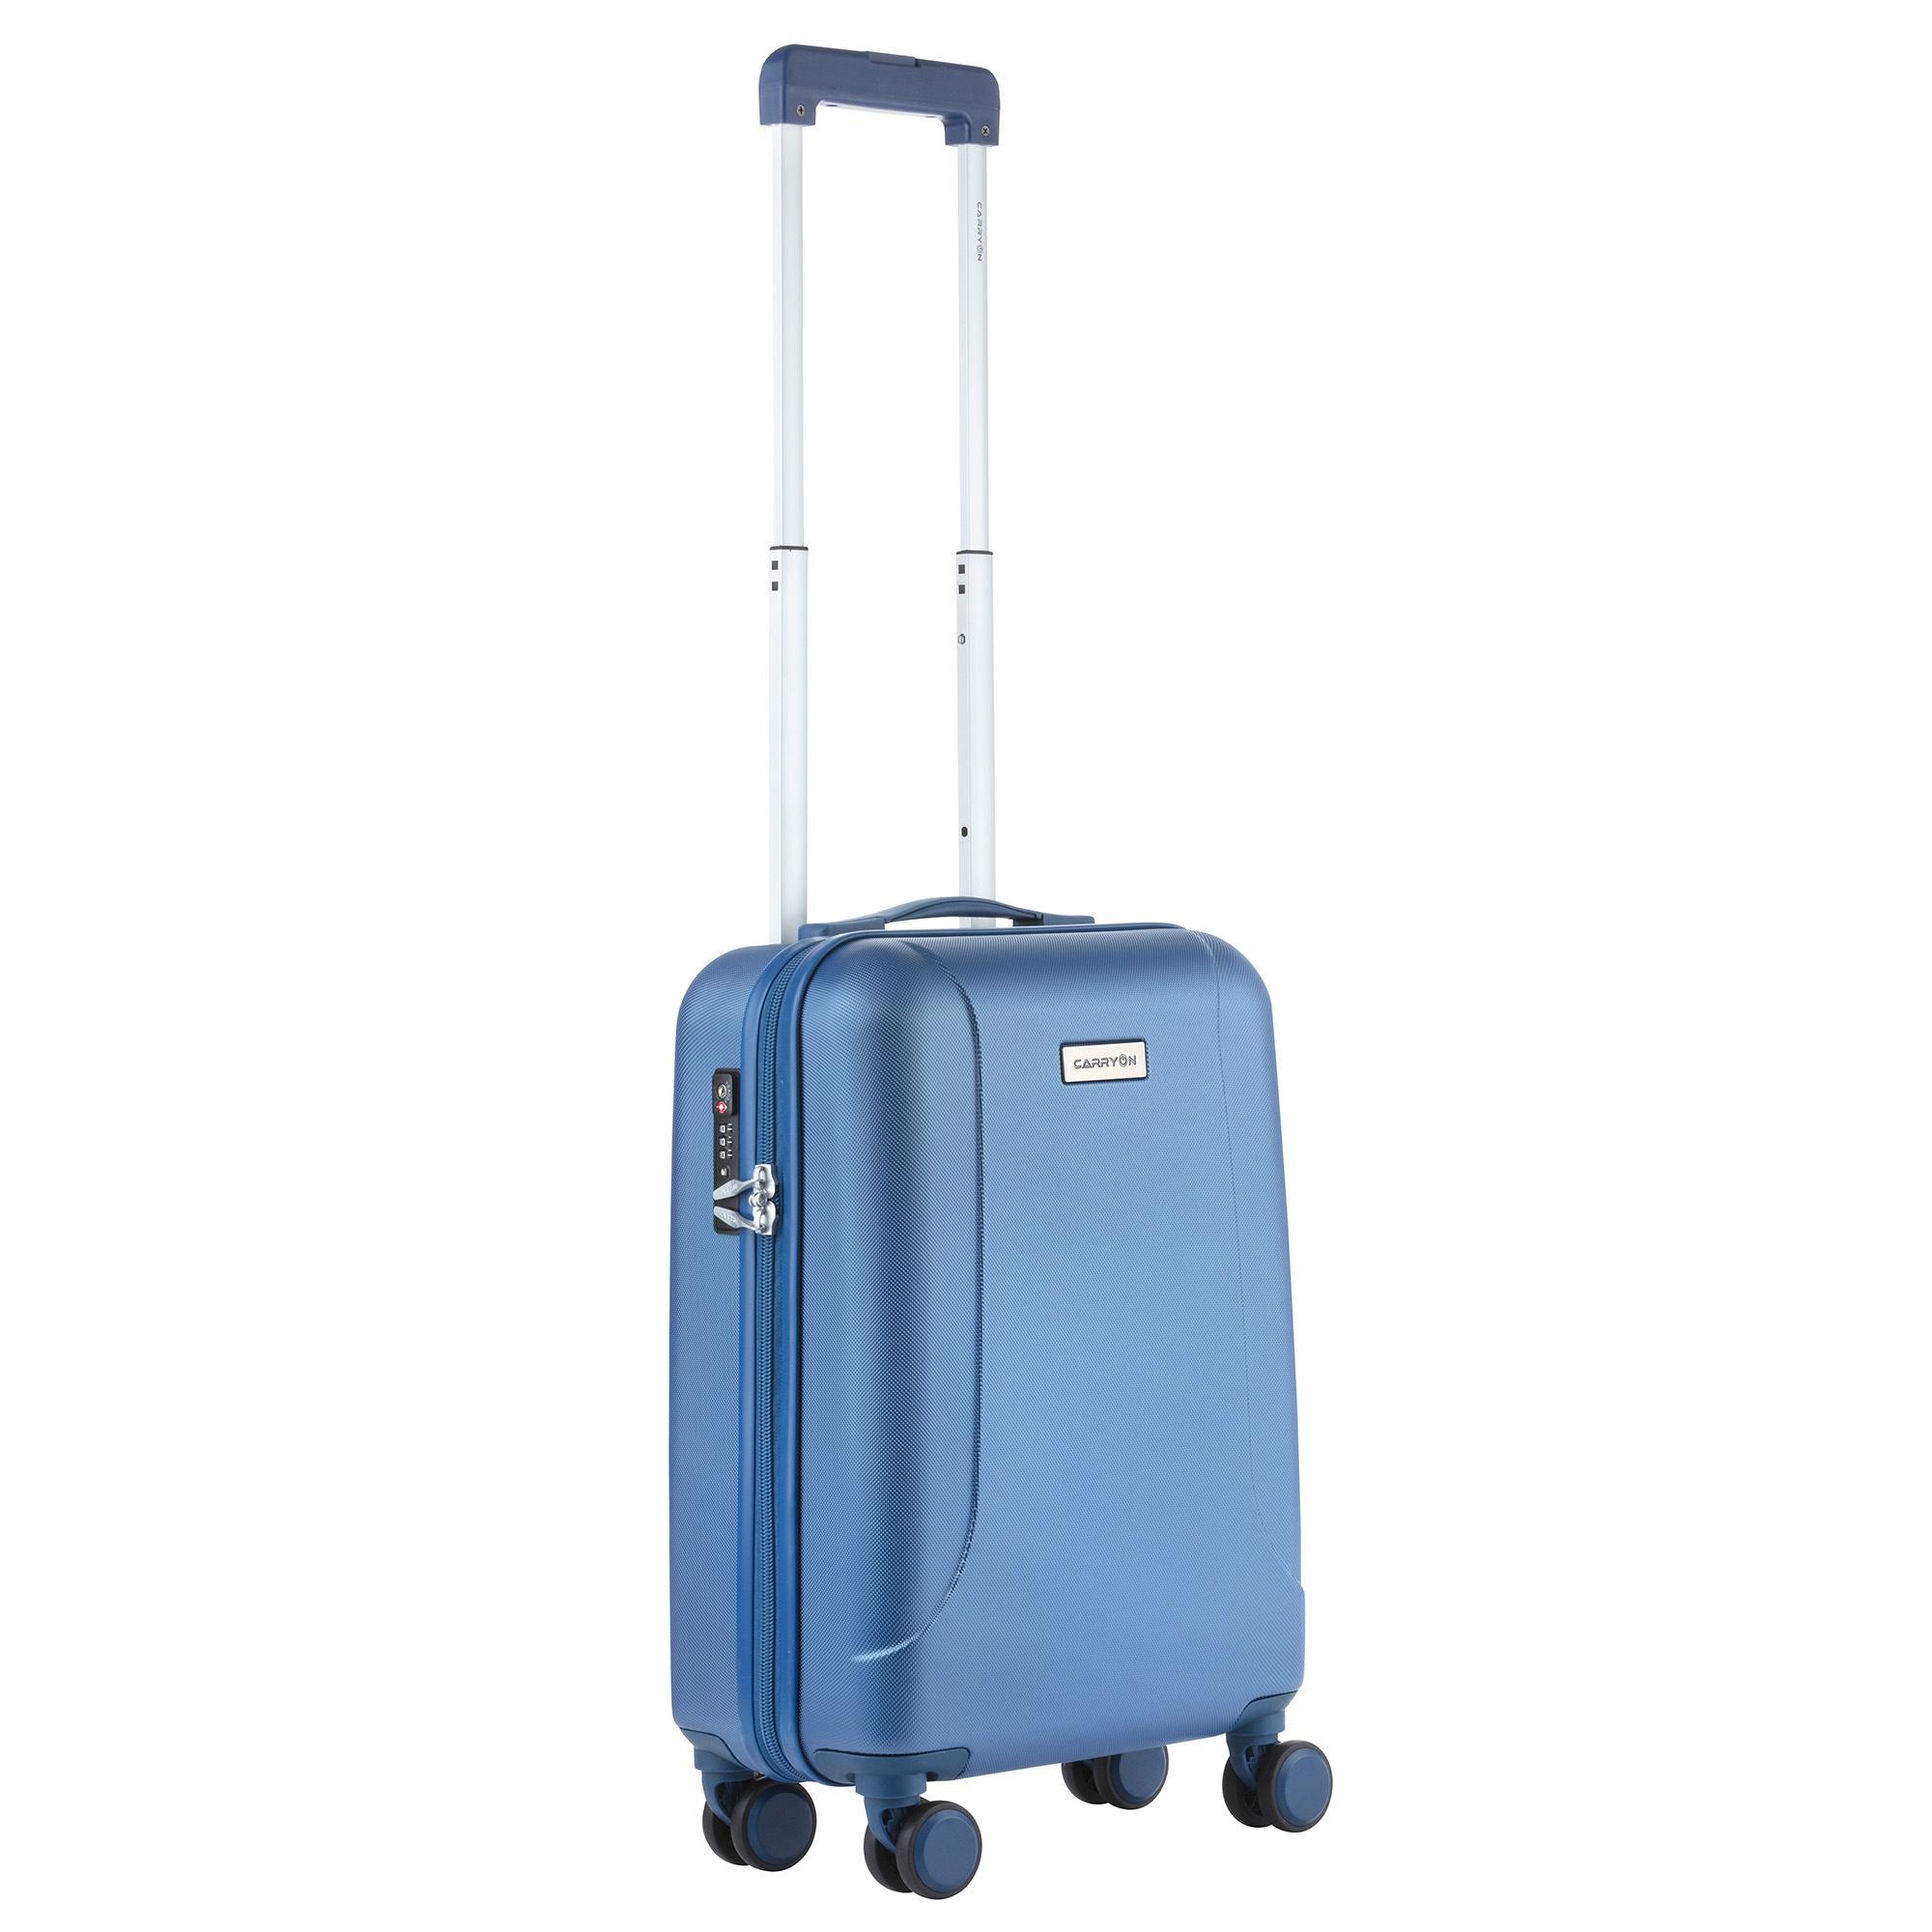 bea5a53b803 CarryOn Skyhopper HandbagageKoffer CoolBlue €49,90 - KofferStunter